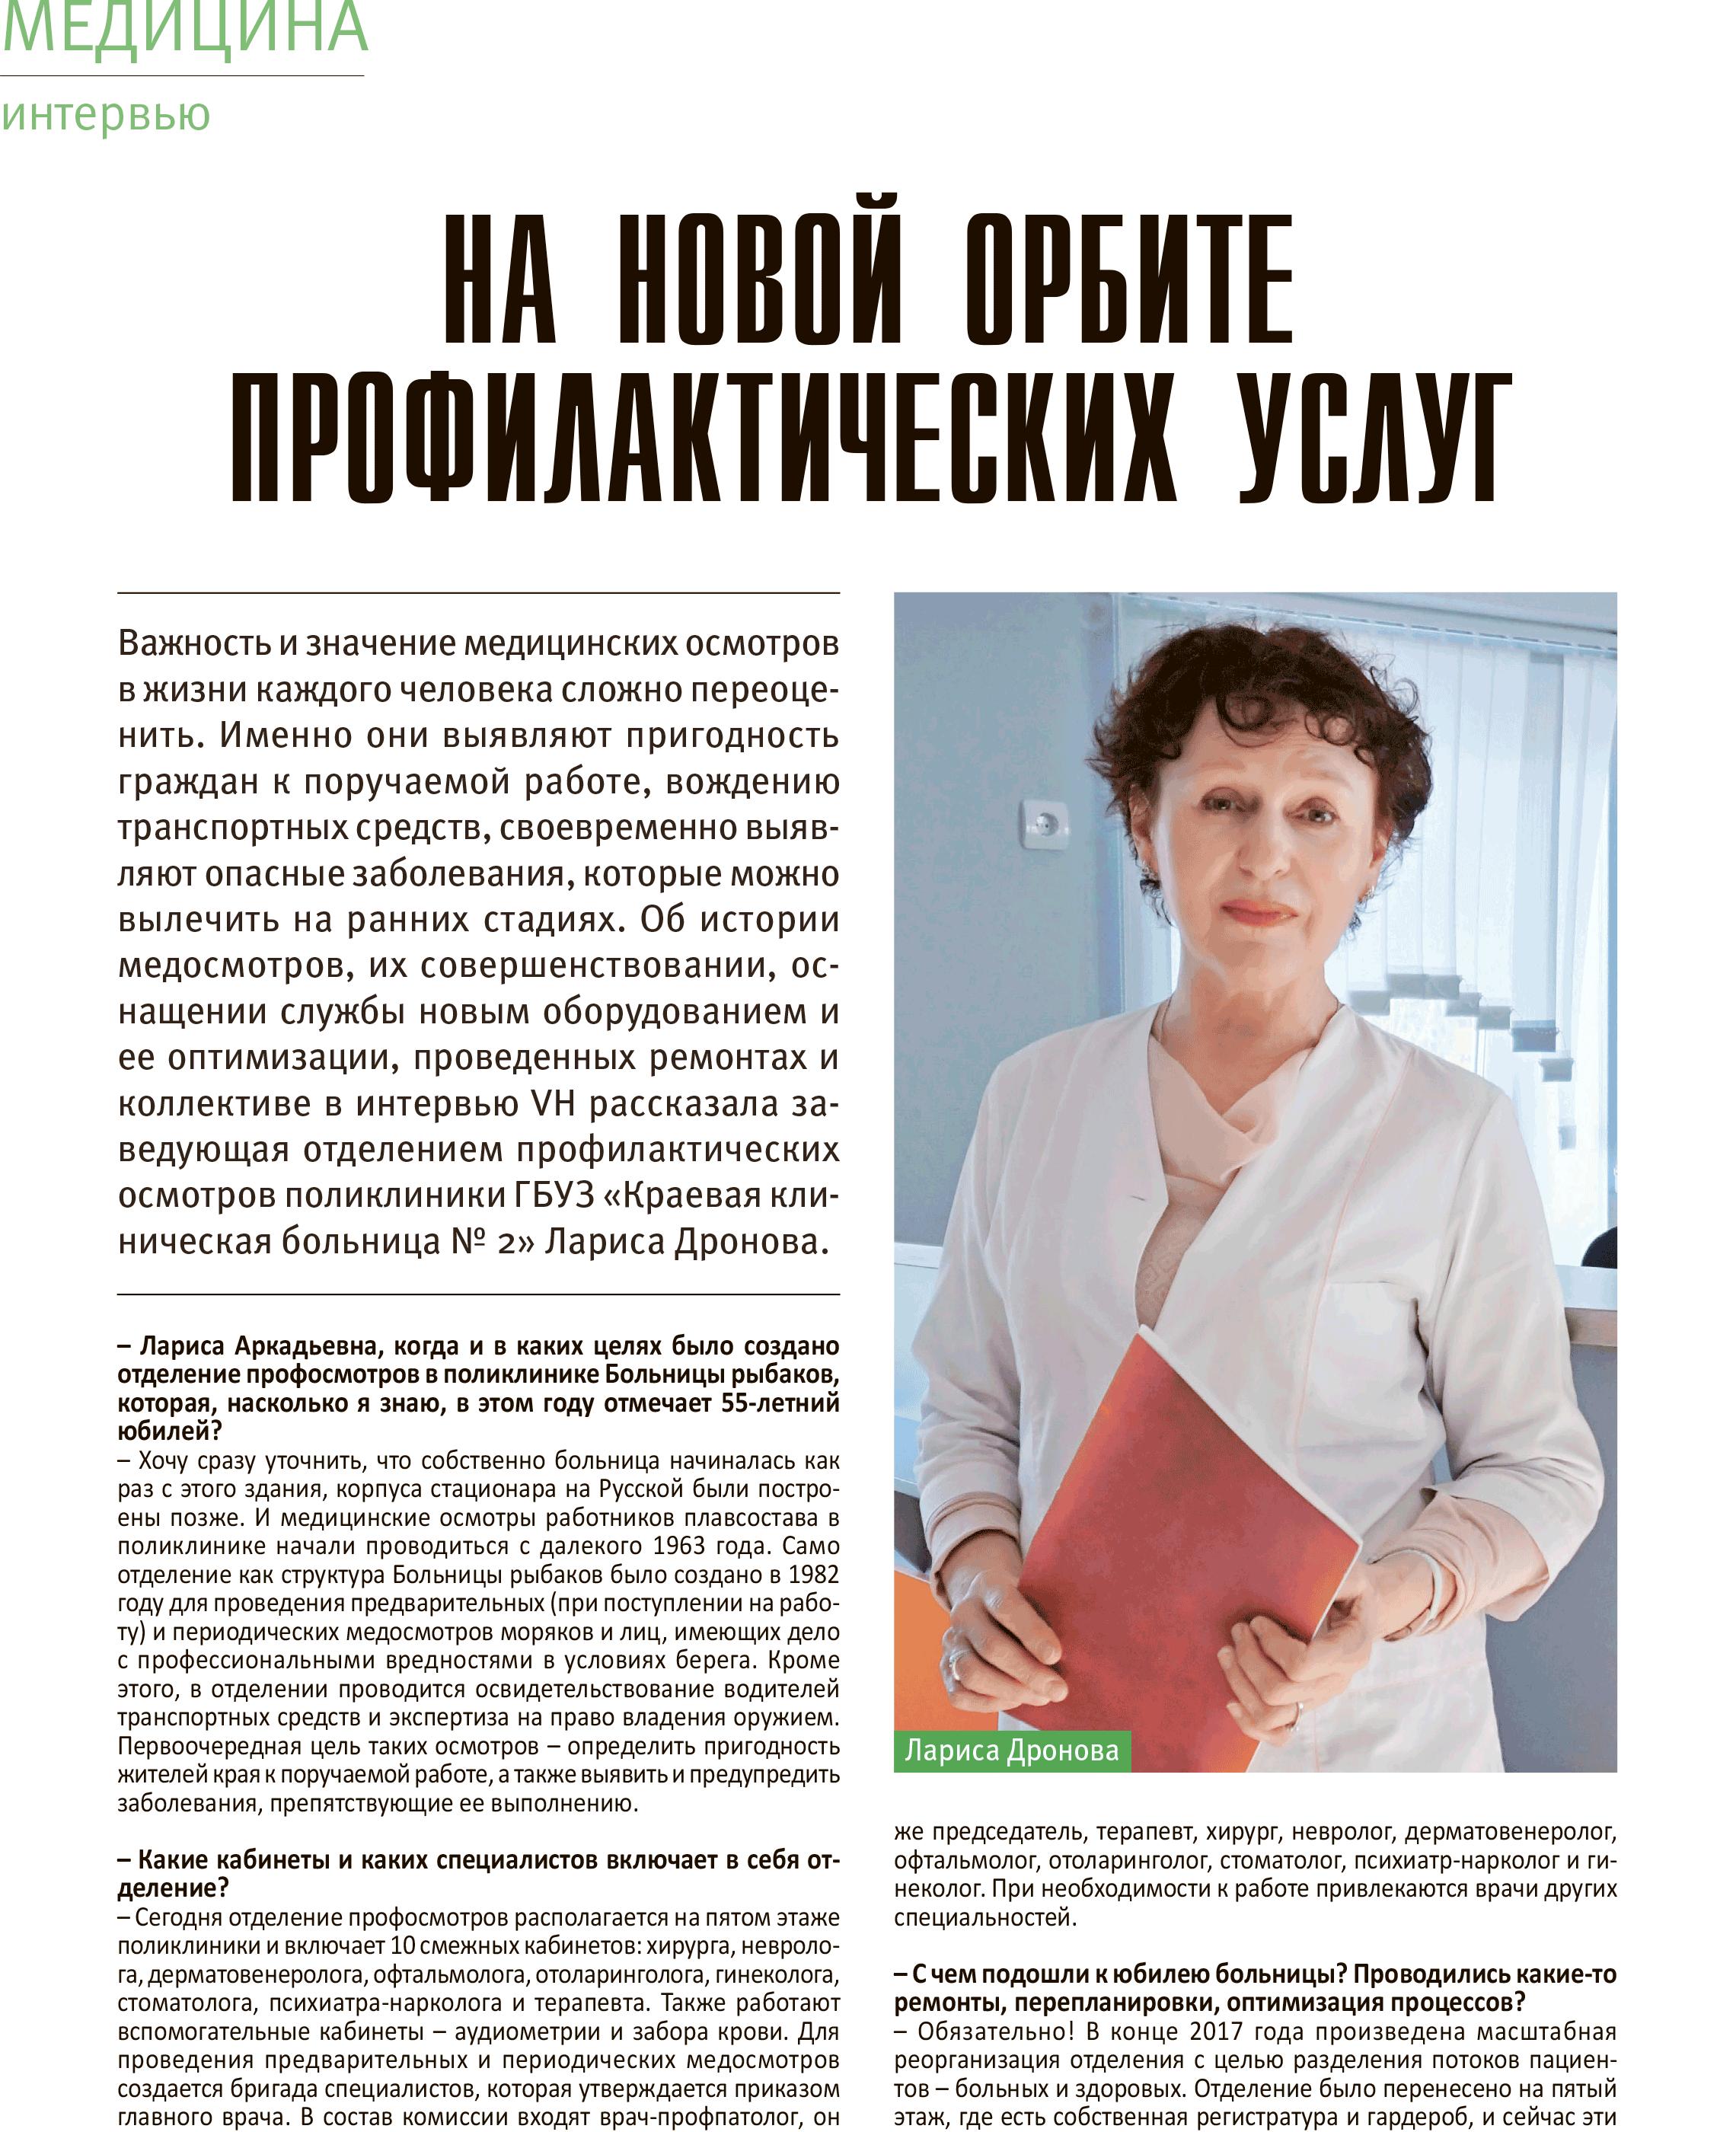 VH_February_2018_больница-рыбаков_01